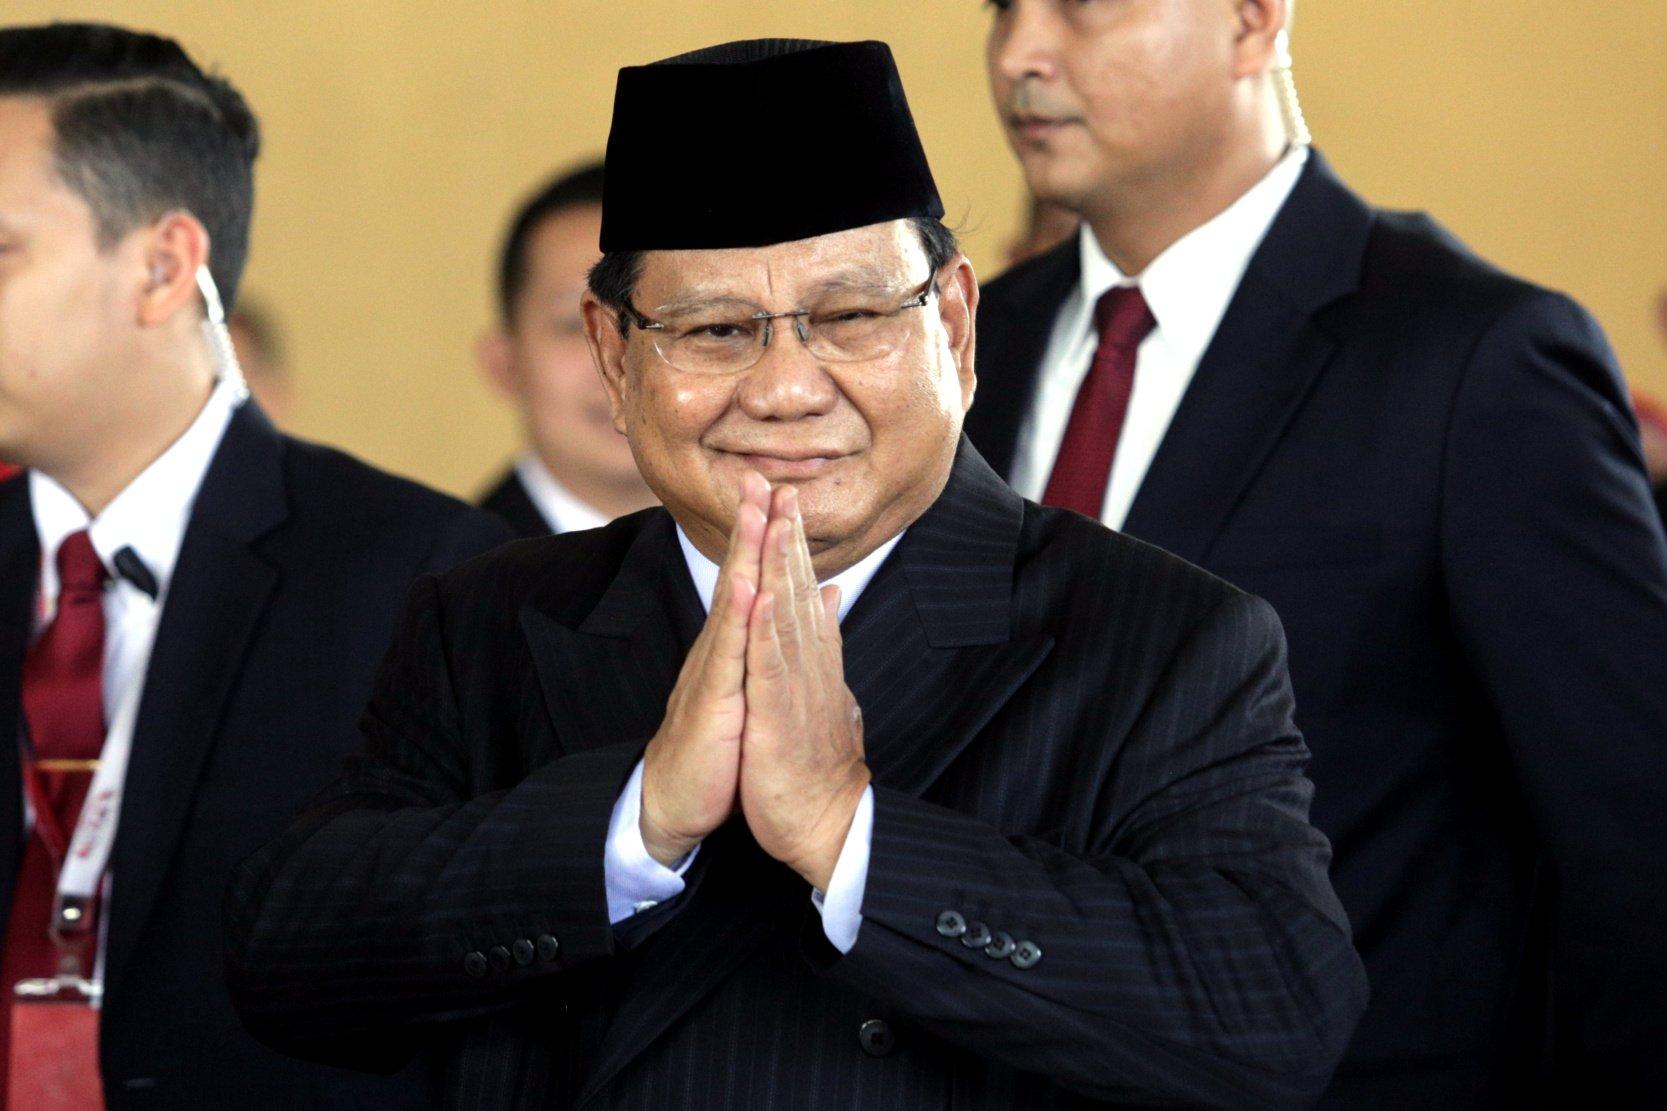 Ketua Umum Partai Gerindra Prabowo Subianto tiba di lokasi upacara pelantikan Presiden Joko Widodo dan Wakil Presiden Ma\'ruf Amin di Gedung Nusantara, kompleks Parlemen, Senayan, Jakarta, Minggu (20/10/2019).